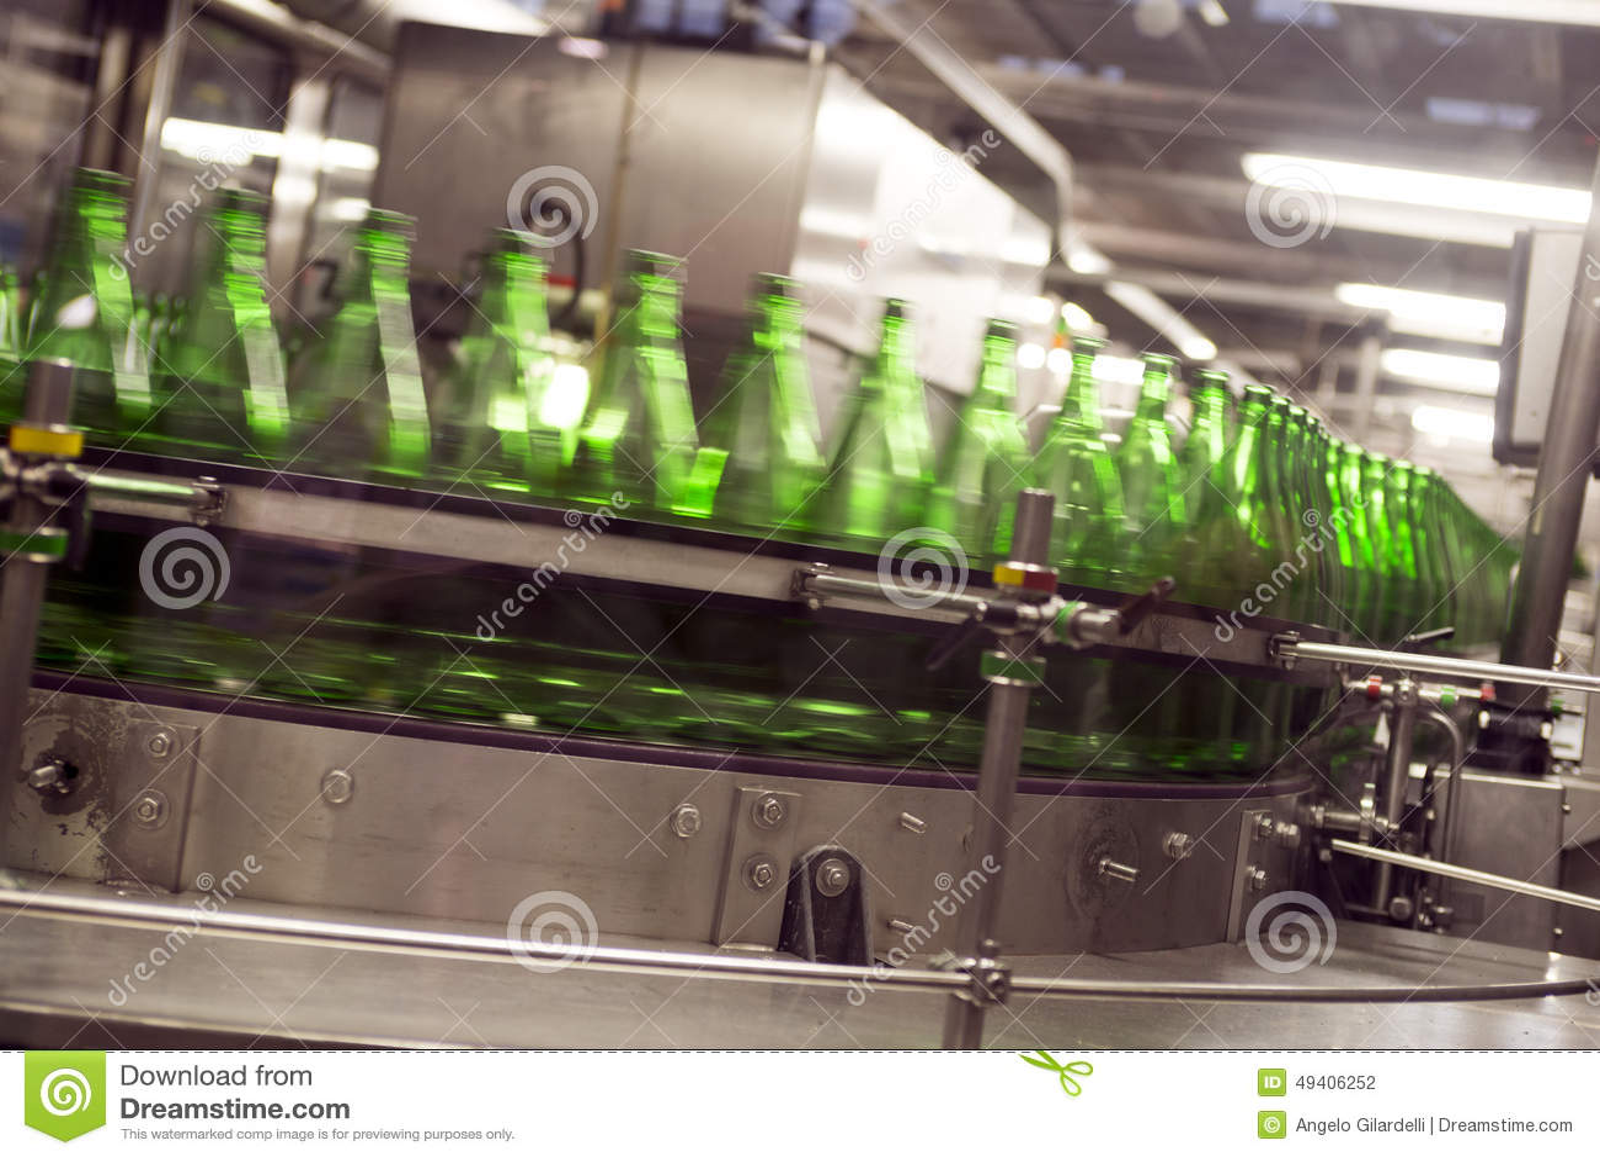 Download Industrie - Mineralwasser stockfoto. Bild von industrie - 49406252